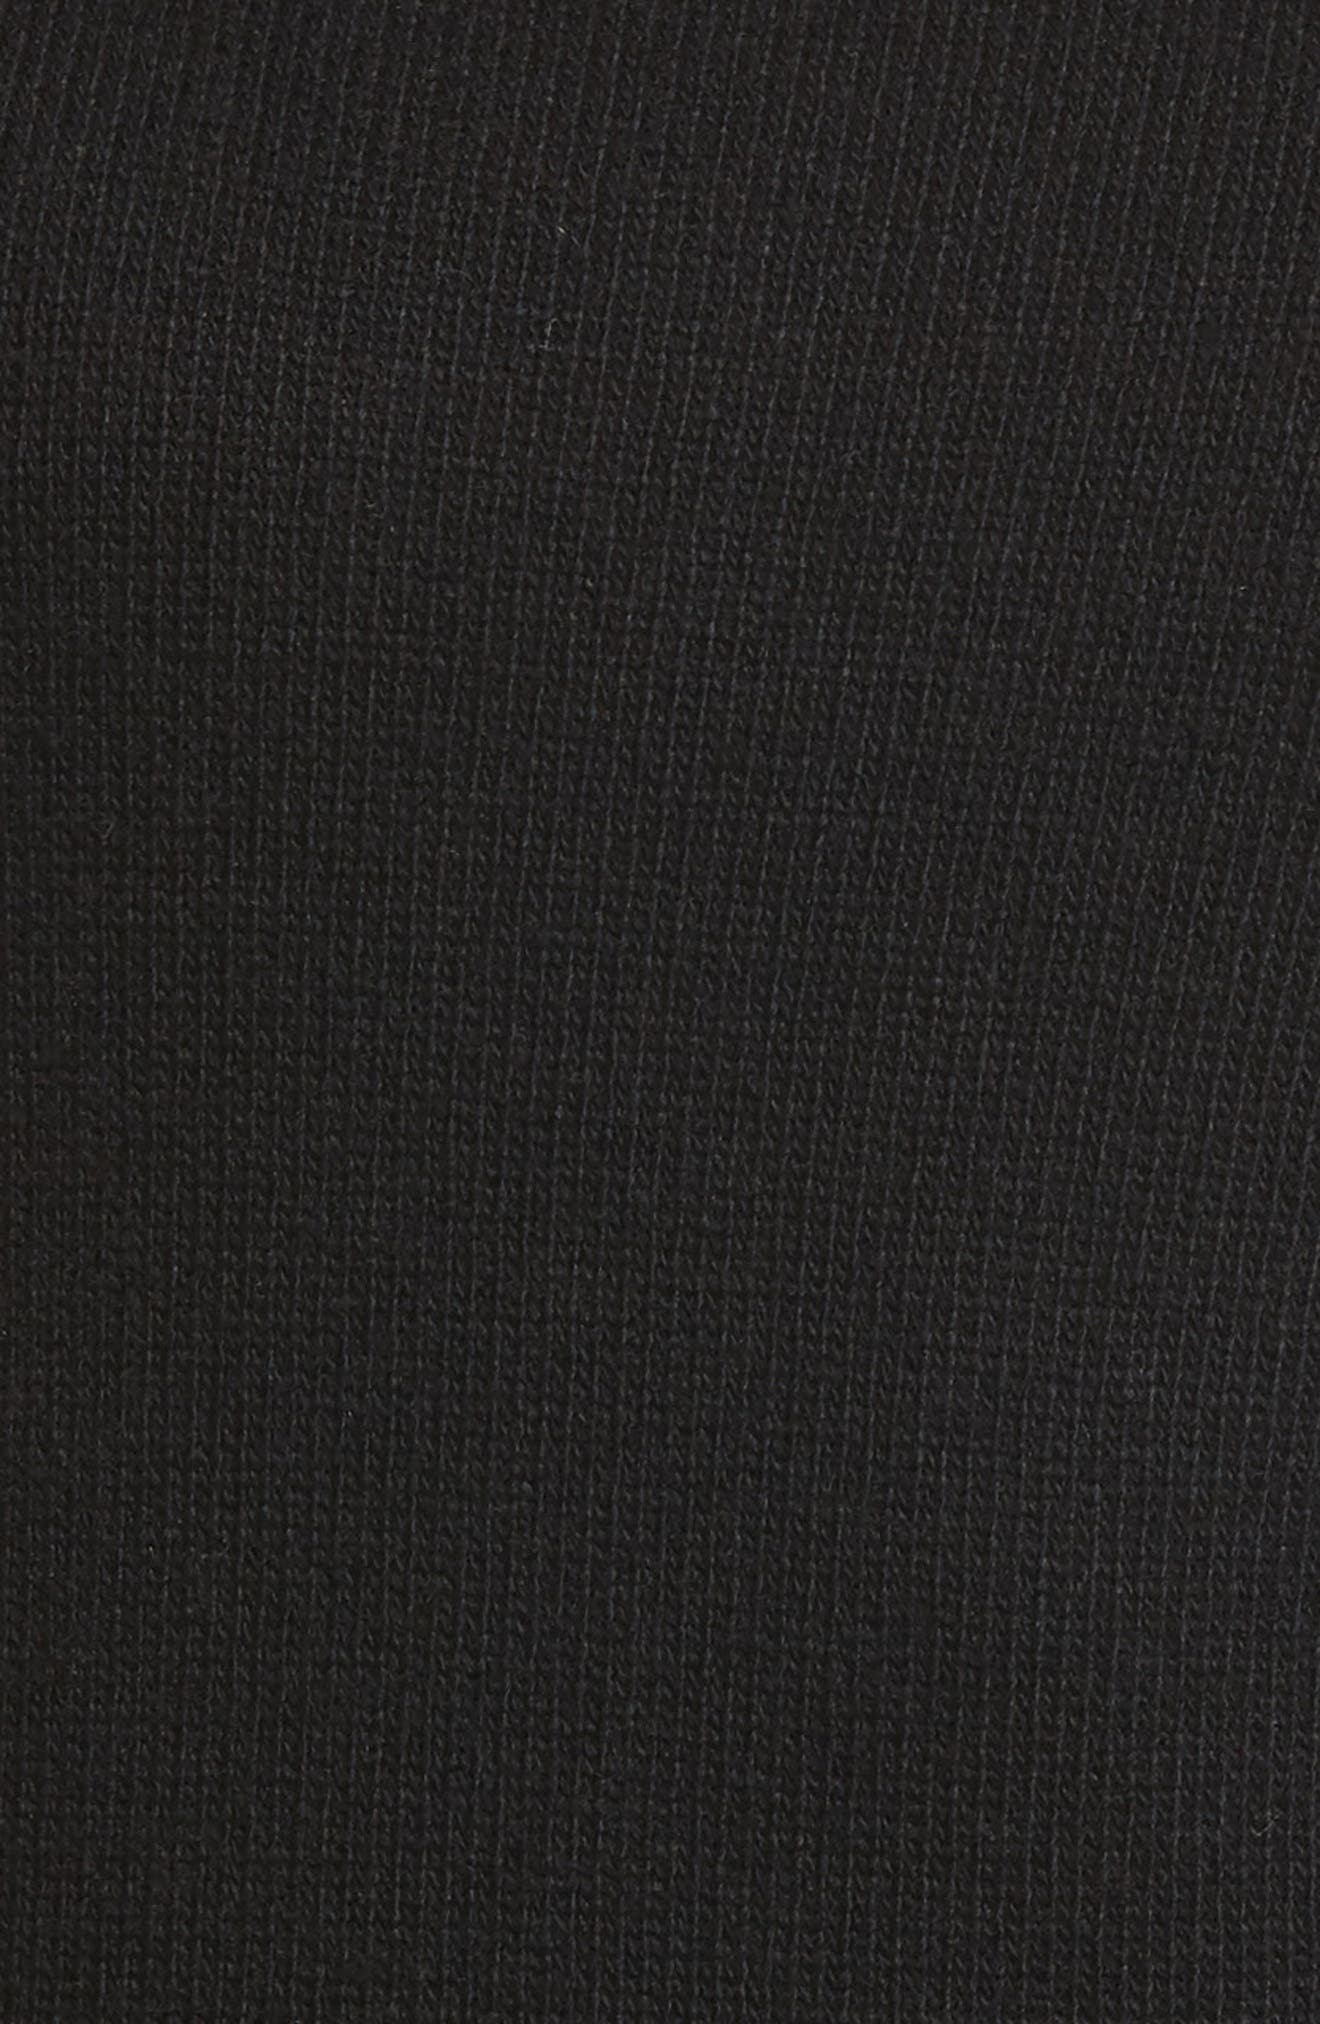 Cold Shoulder Sweater Dress,                             Alternate thumbnail 5, color,                             Black